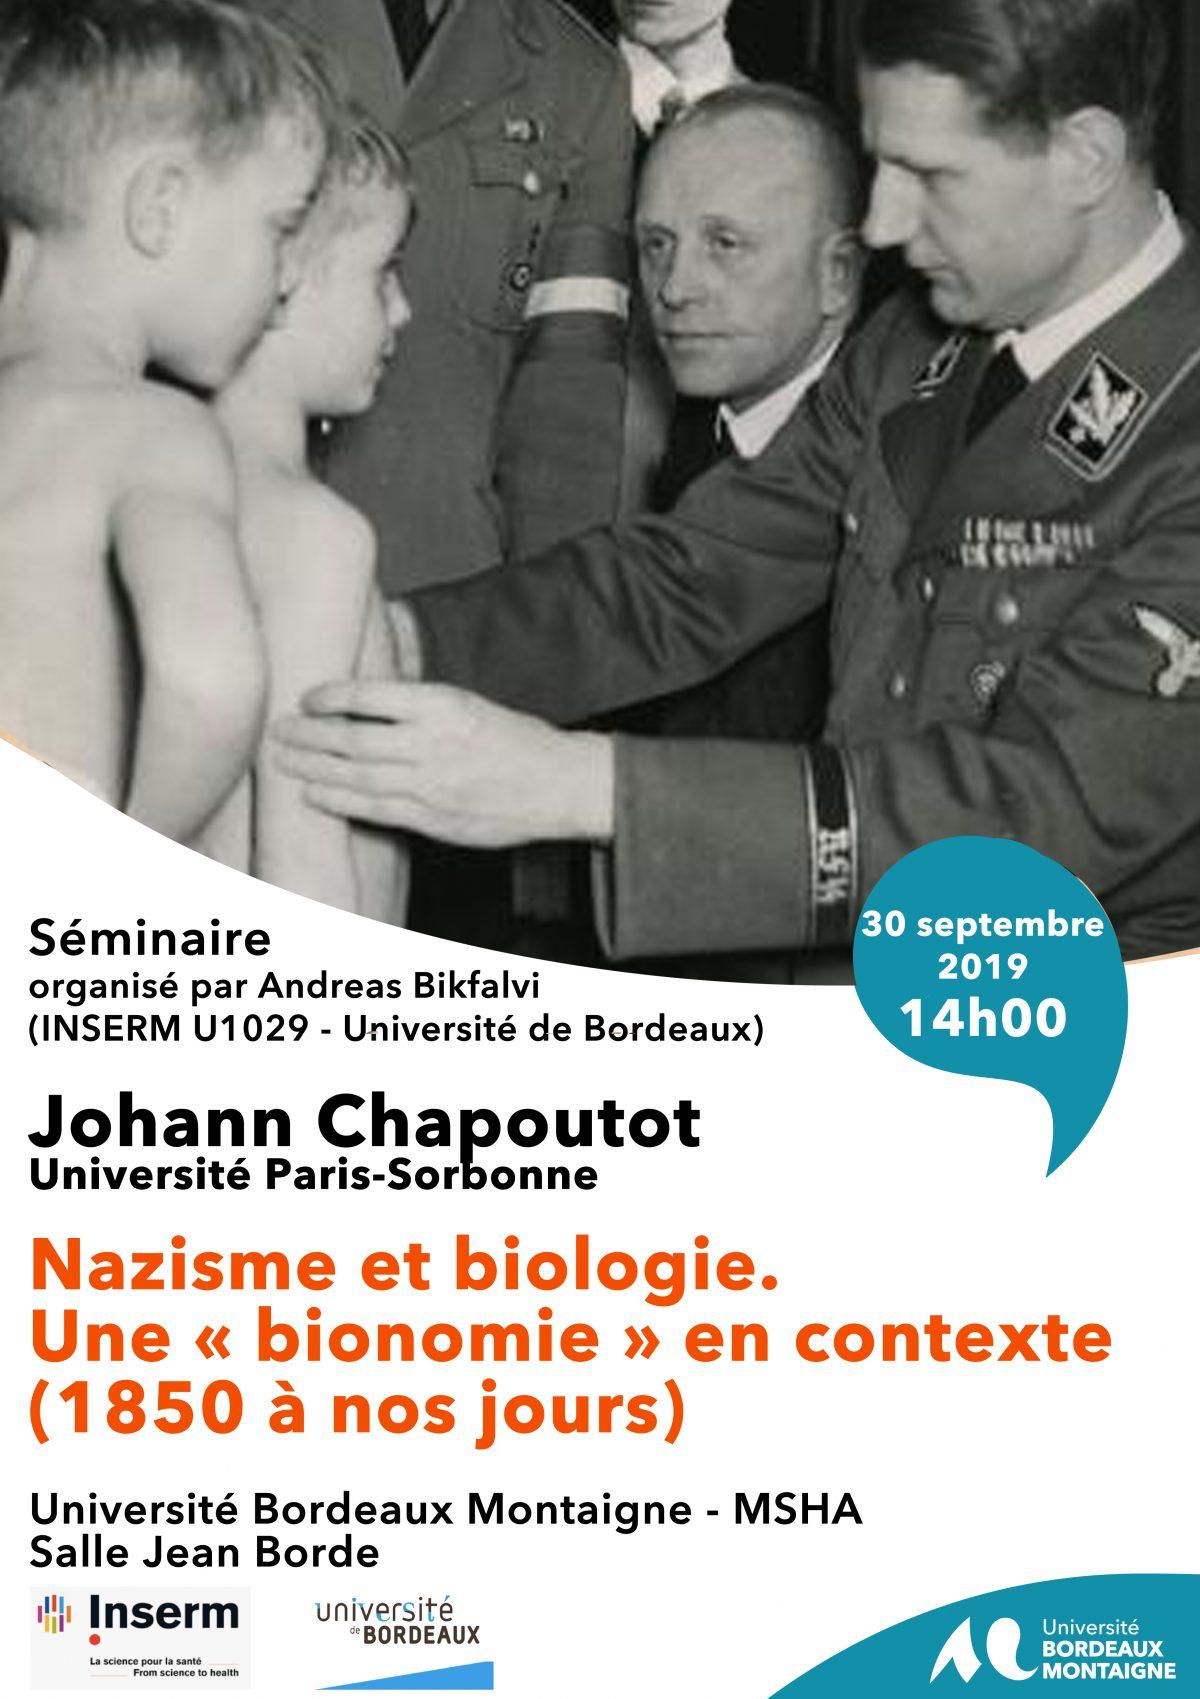 Conférence de Johann Chapoutot 30 septembre 2019